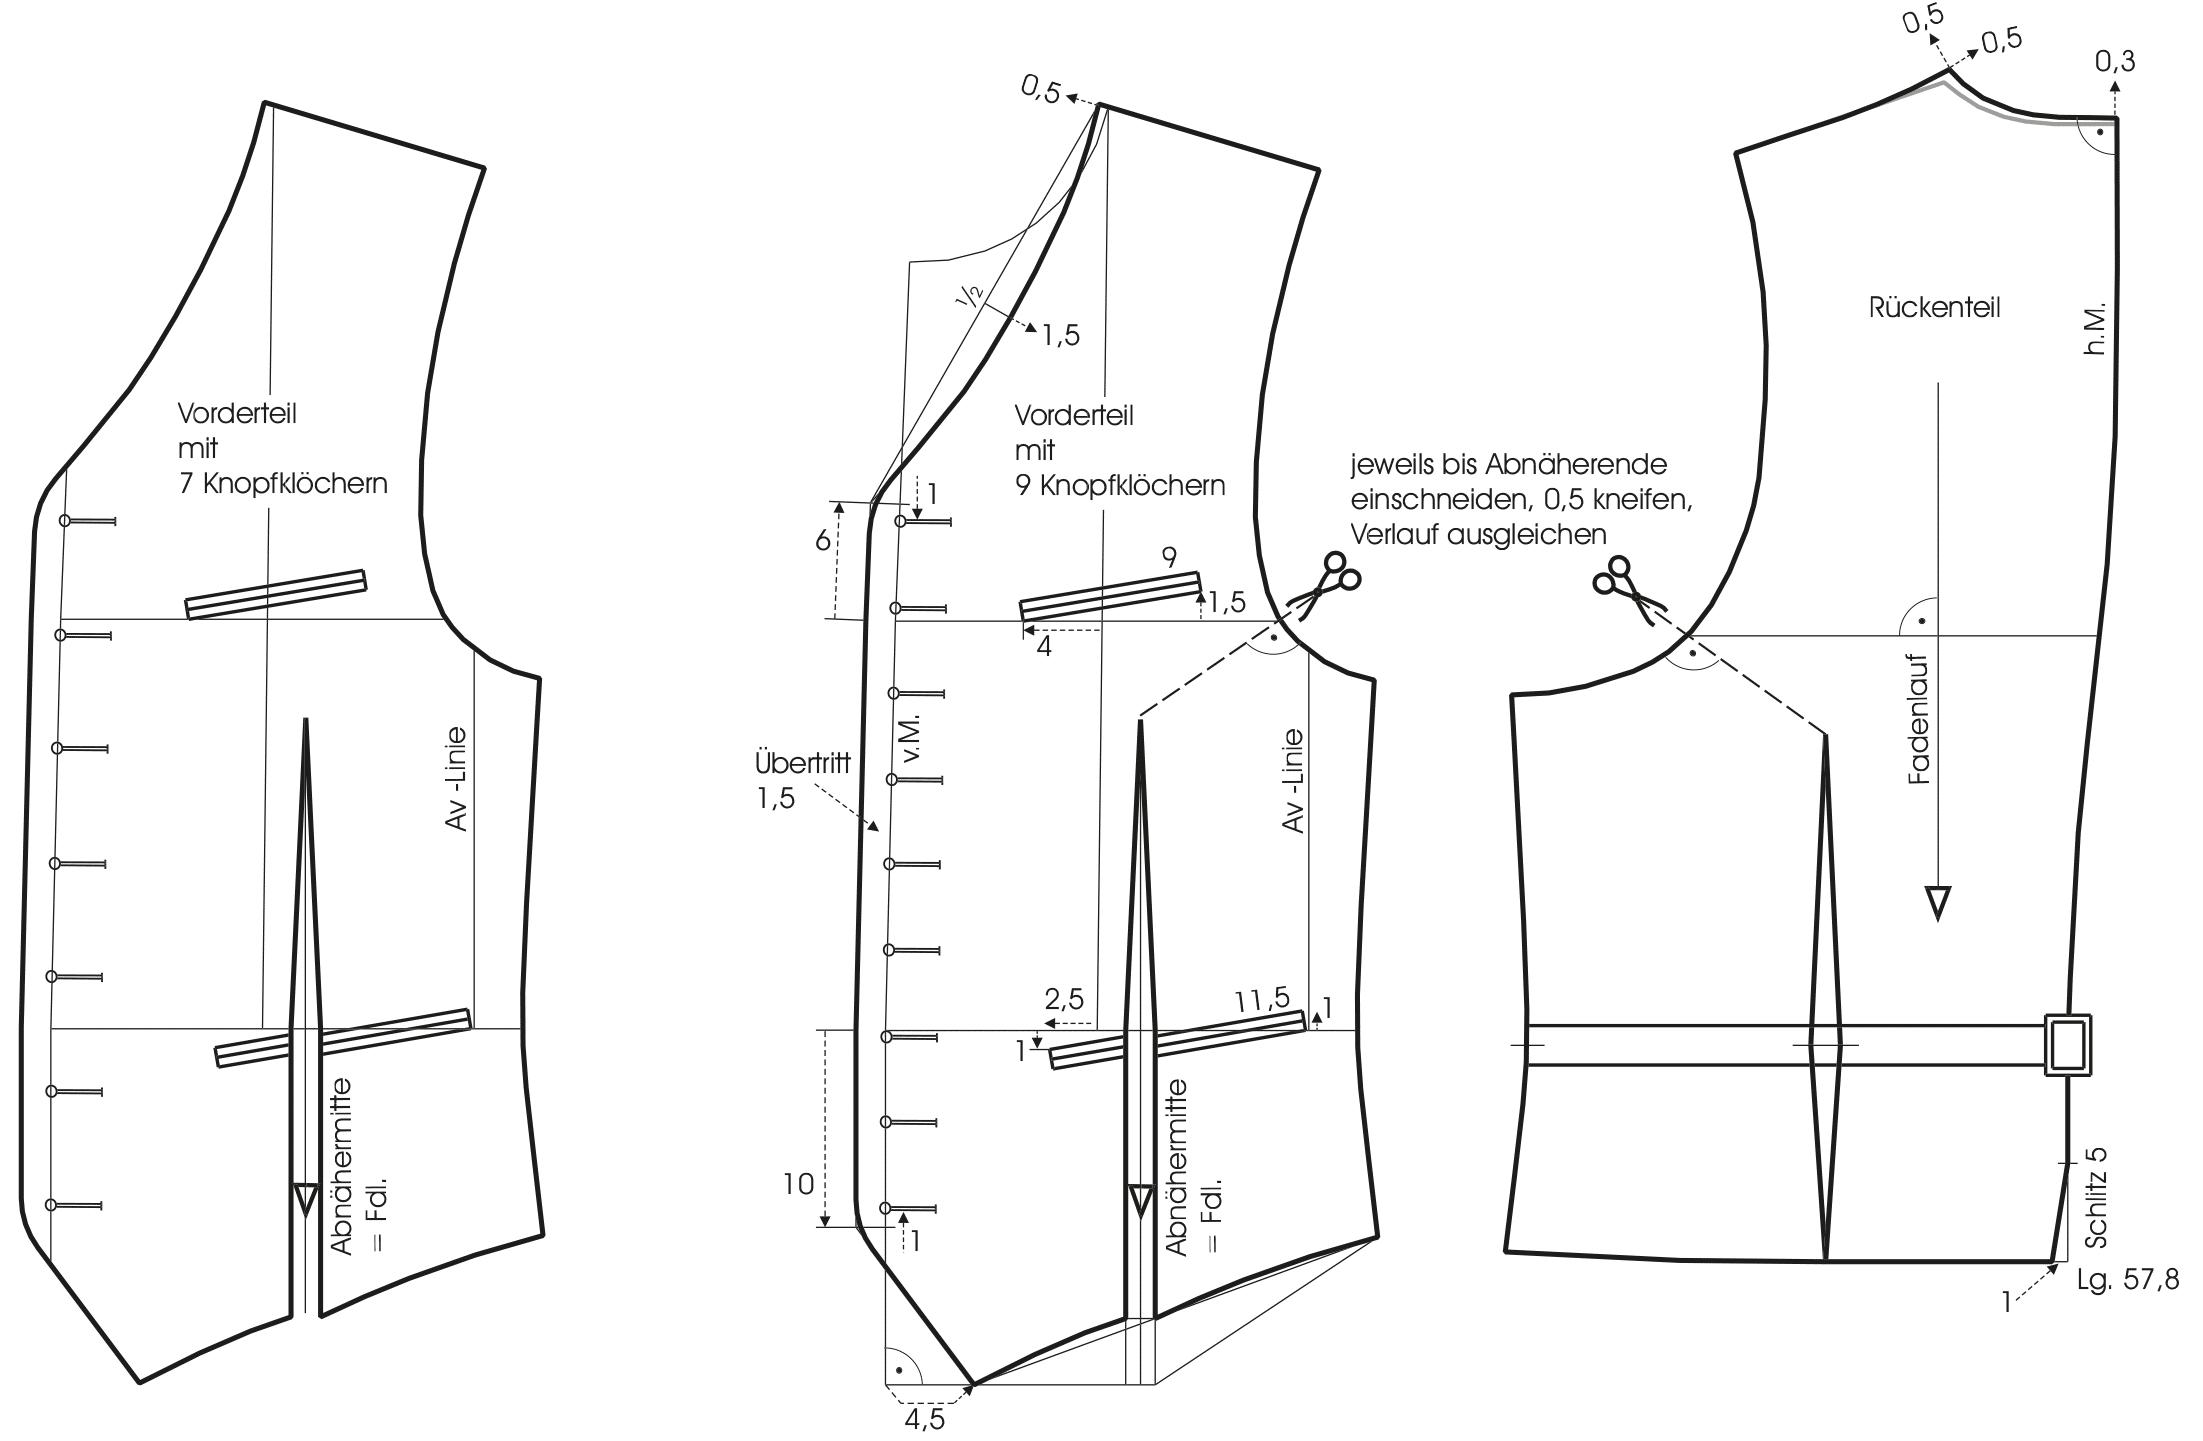 Gezeigt wird die Schnittkonstruktion einer Trachtenweste.